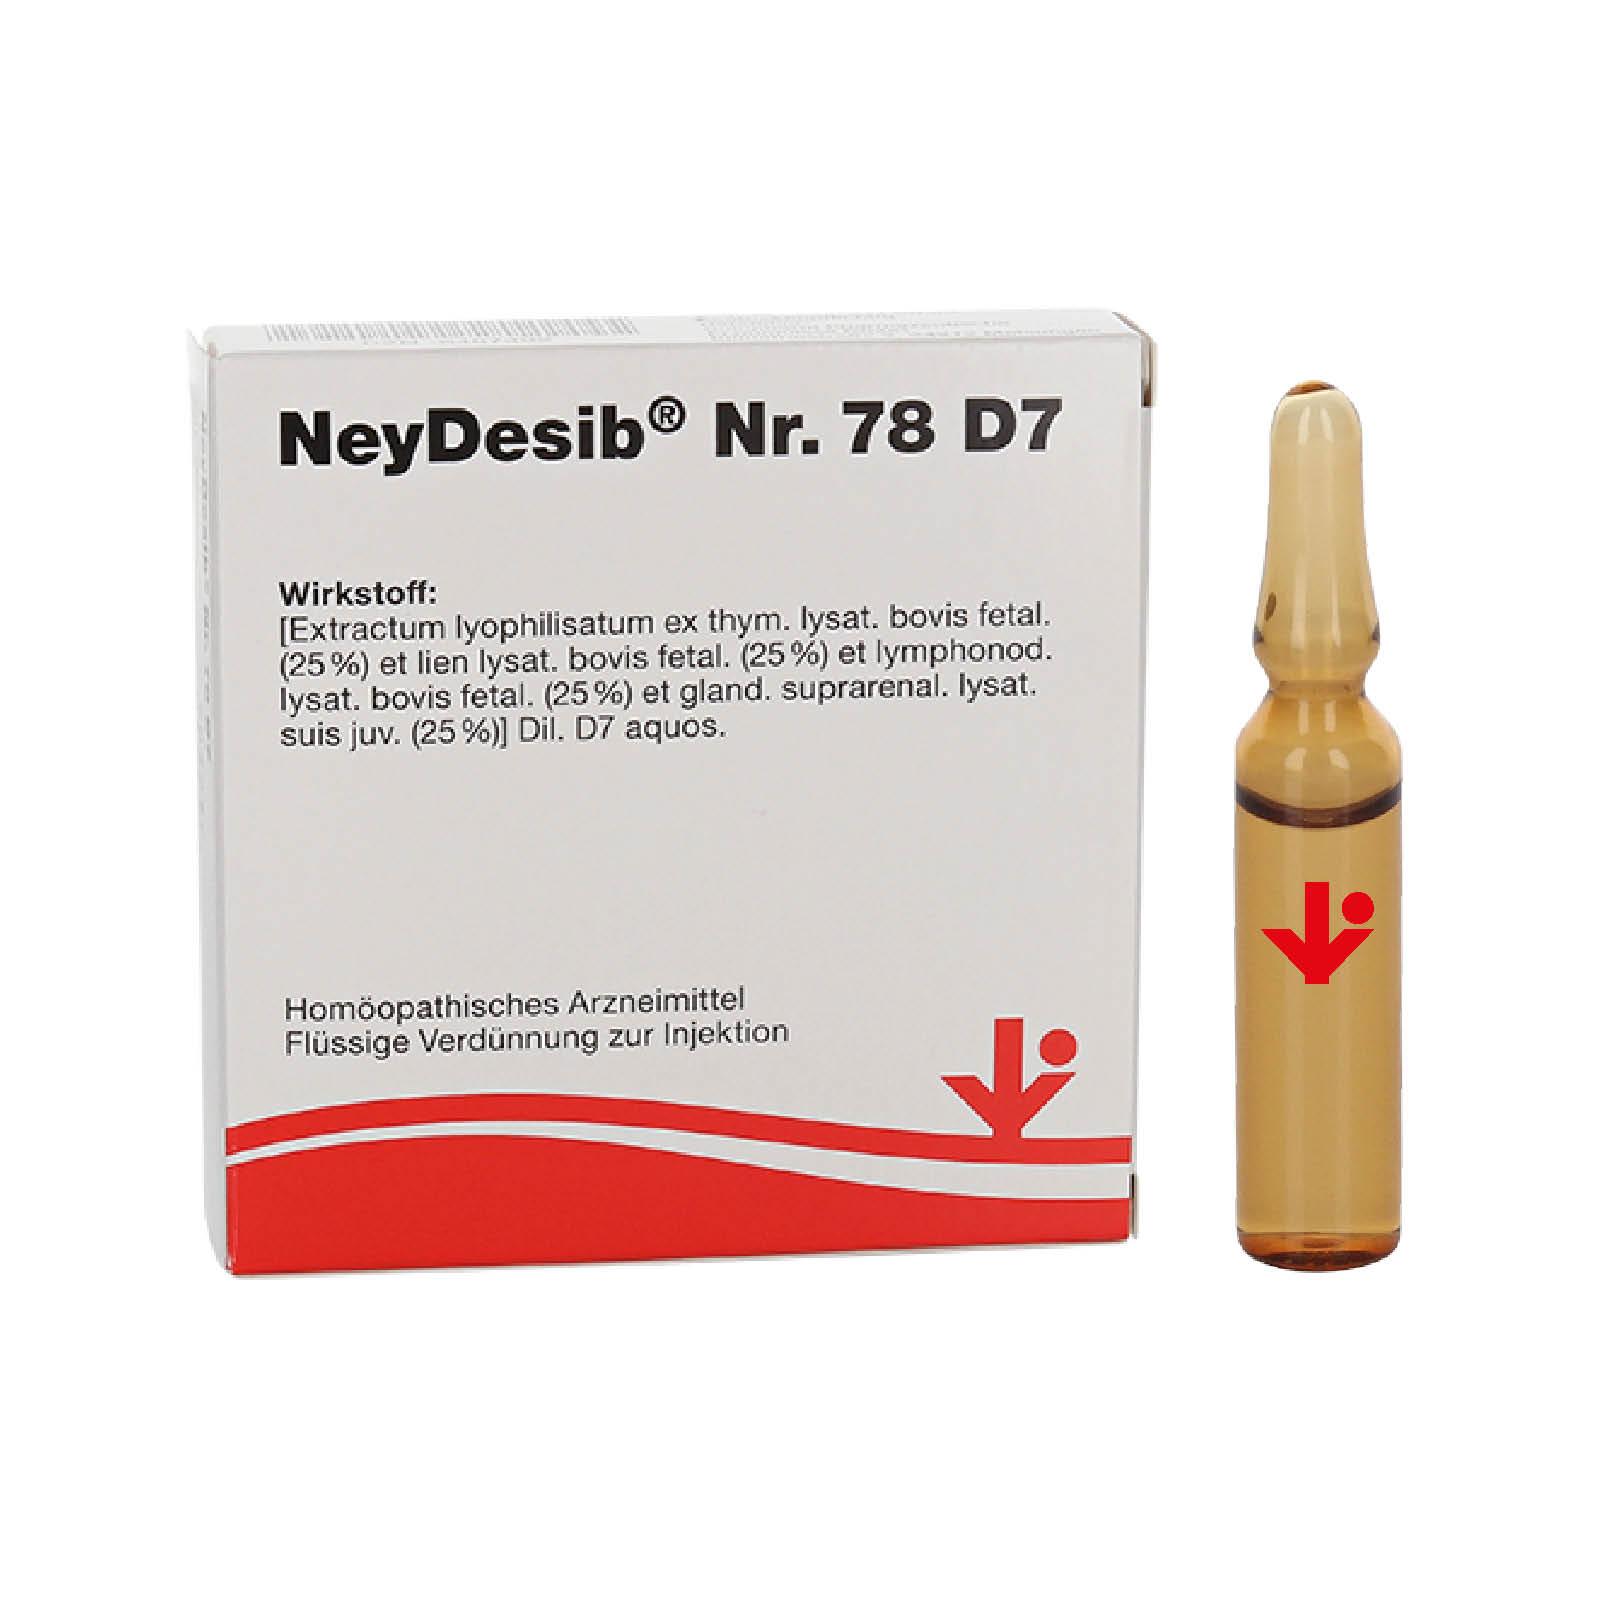 NeyDesib® Nr. 78 D7